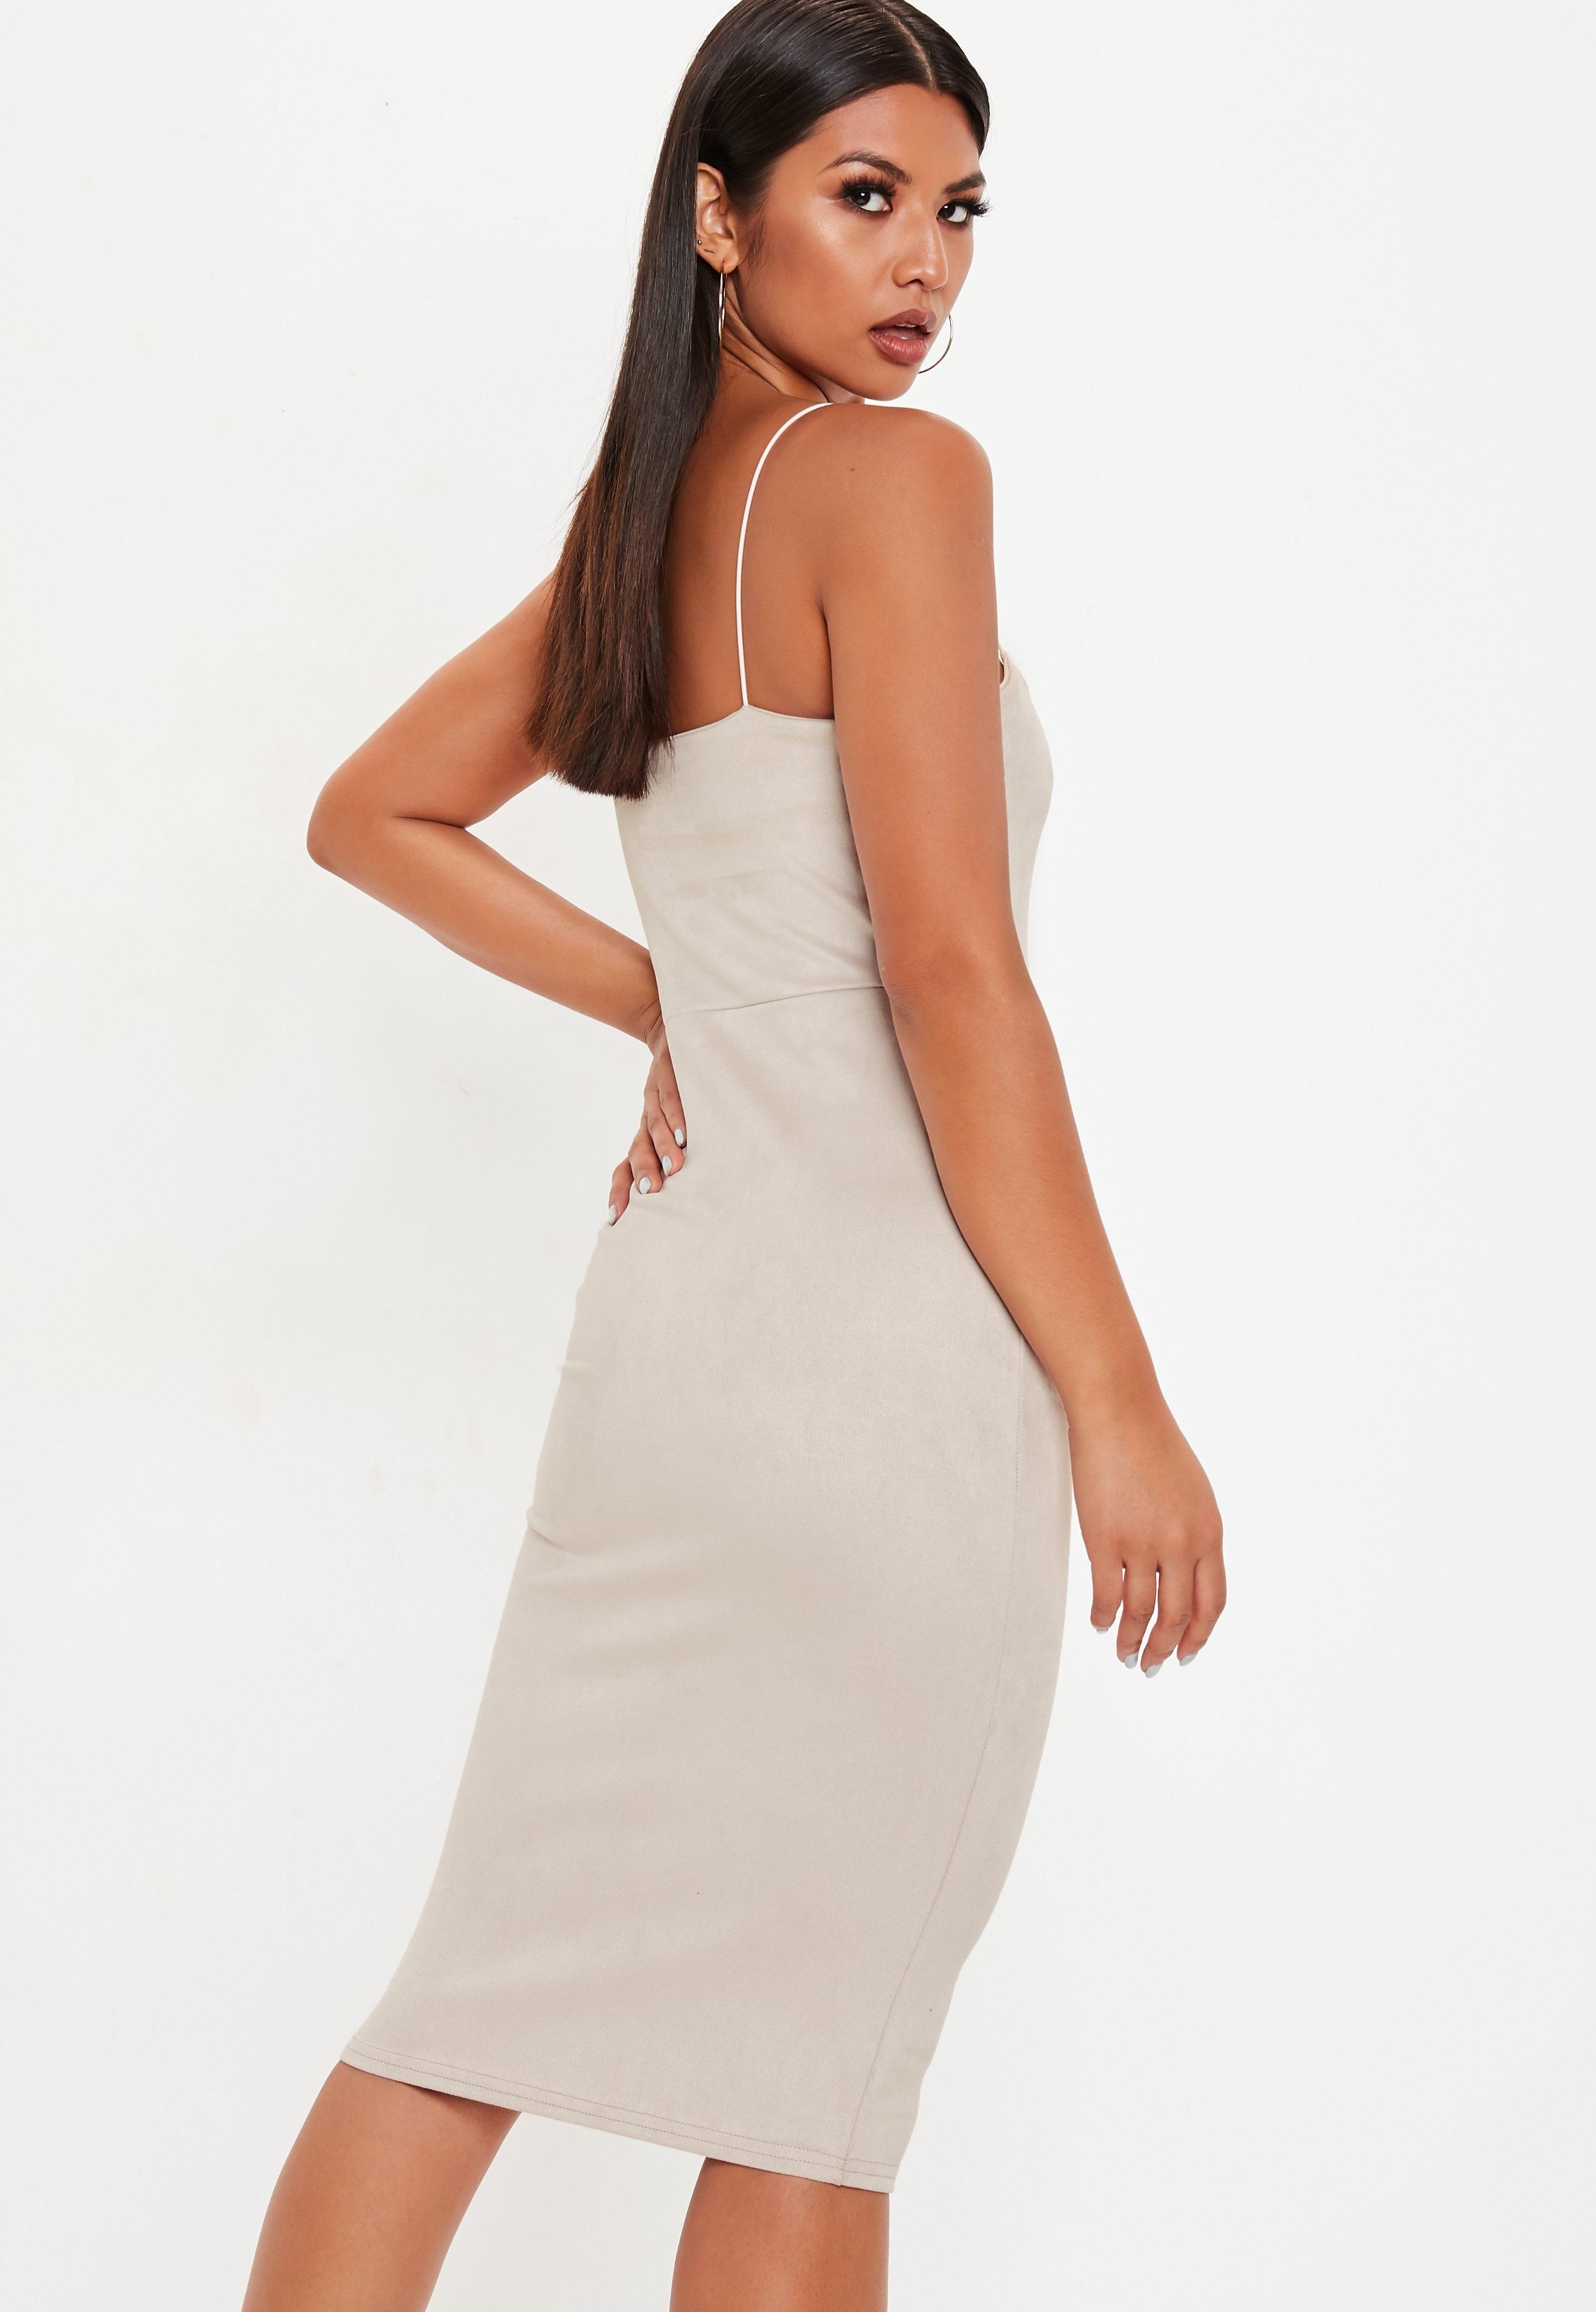 1aa90e600bf9 Nude Strappy Square Neck Suedette Midi Dress #Sponsored #Square, #AD, #